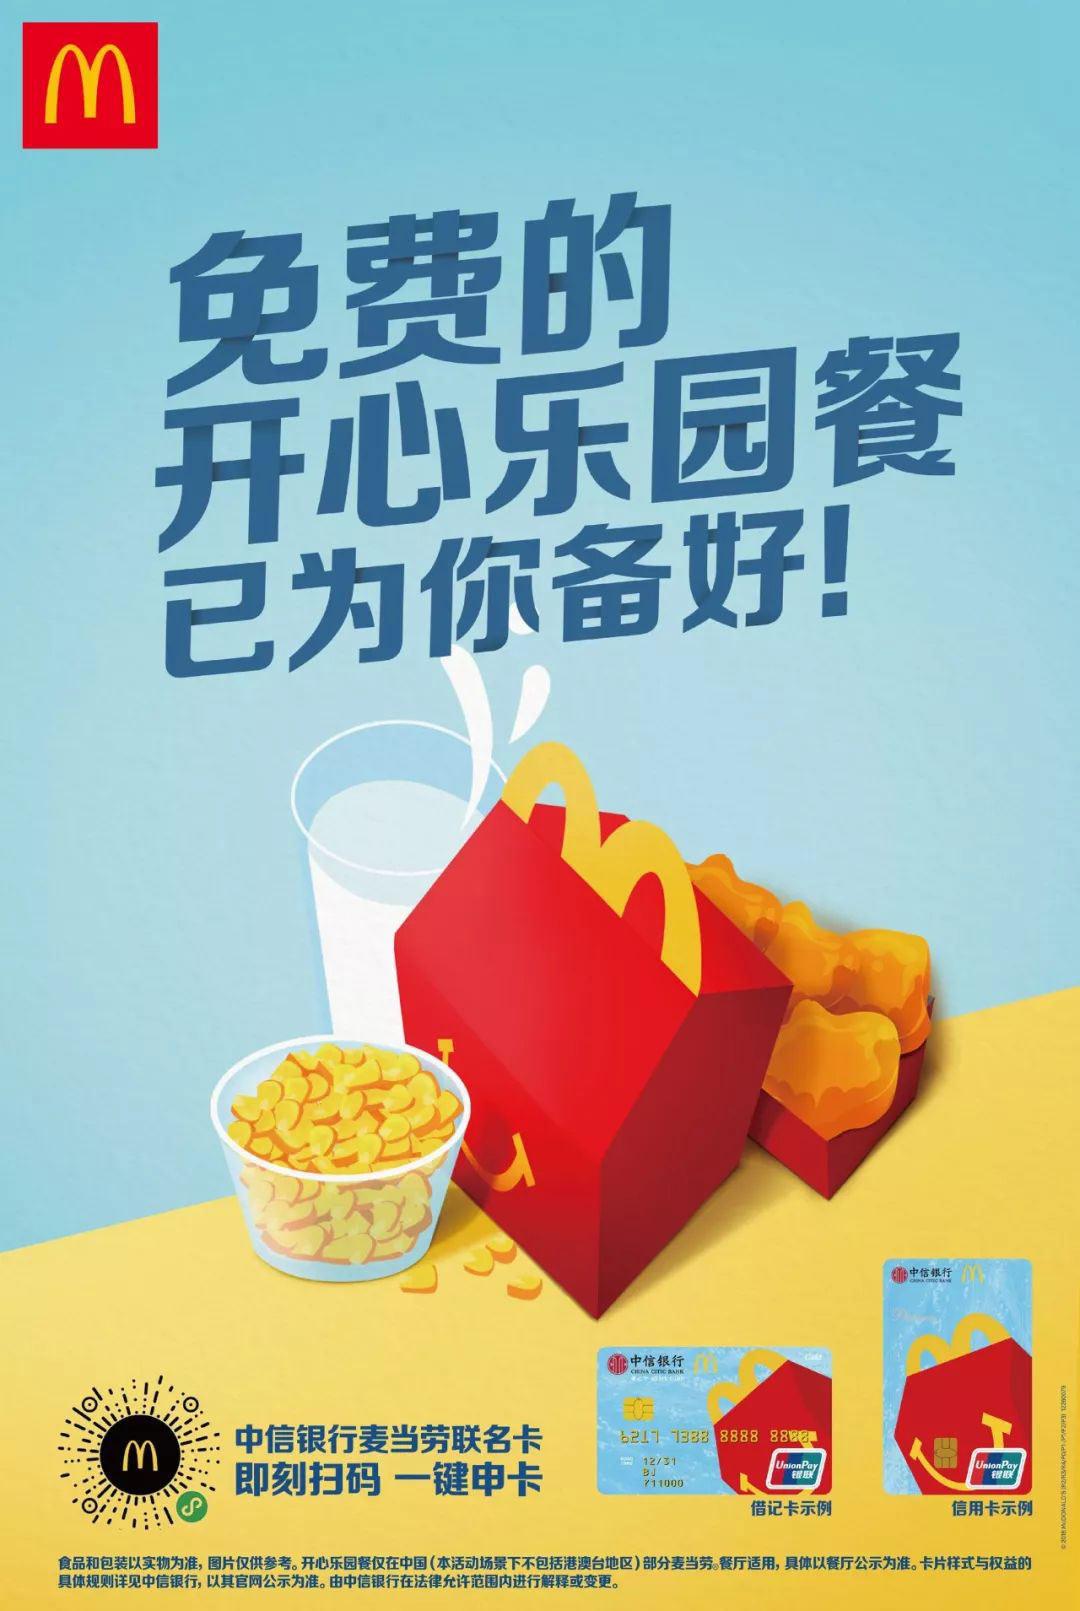 麦当劳首款专属银行卡,享免费开心乐园餐